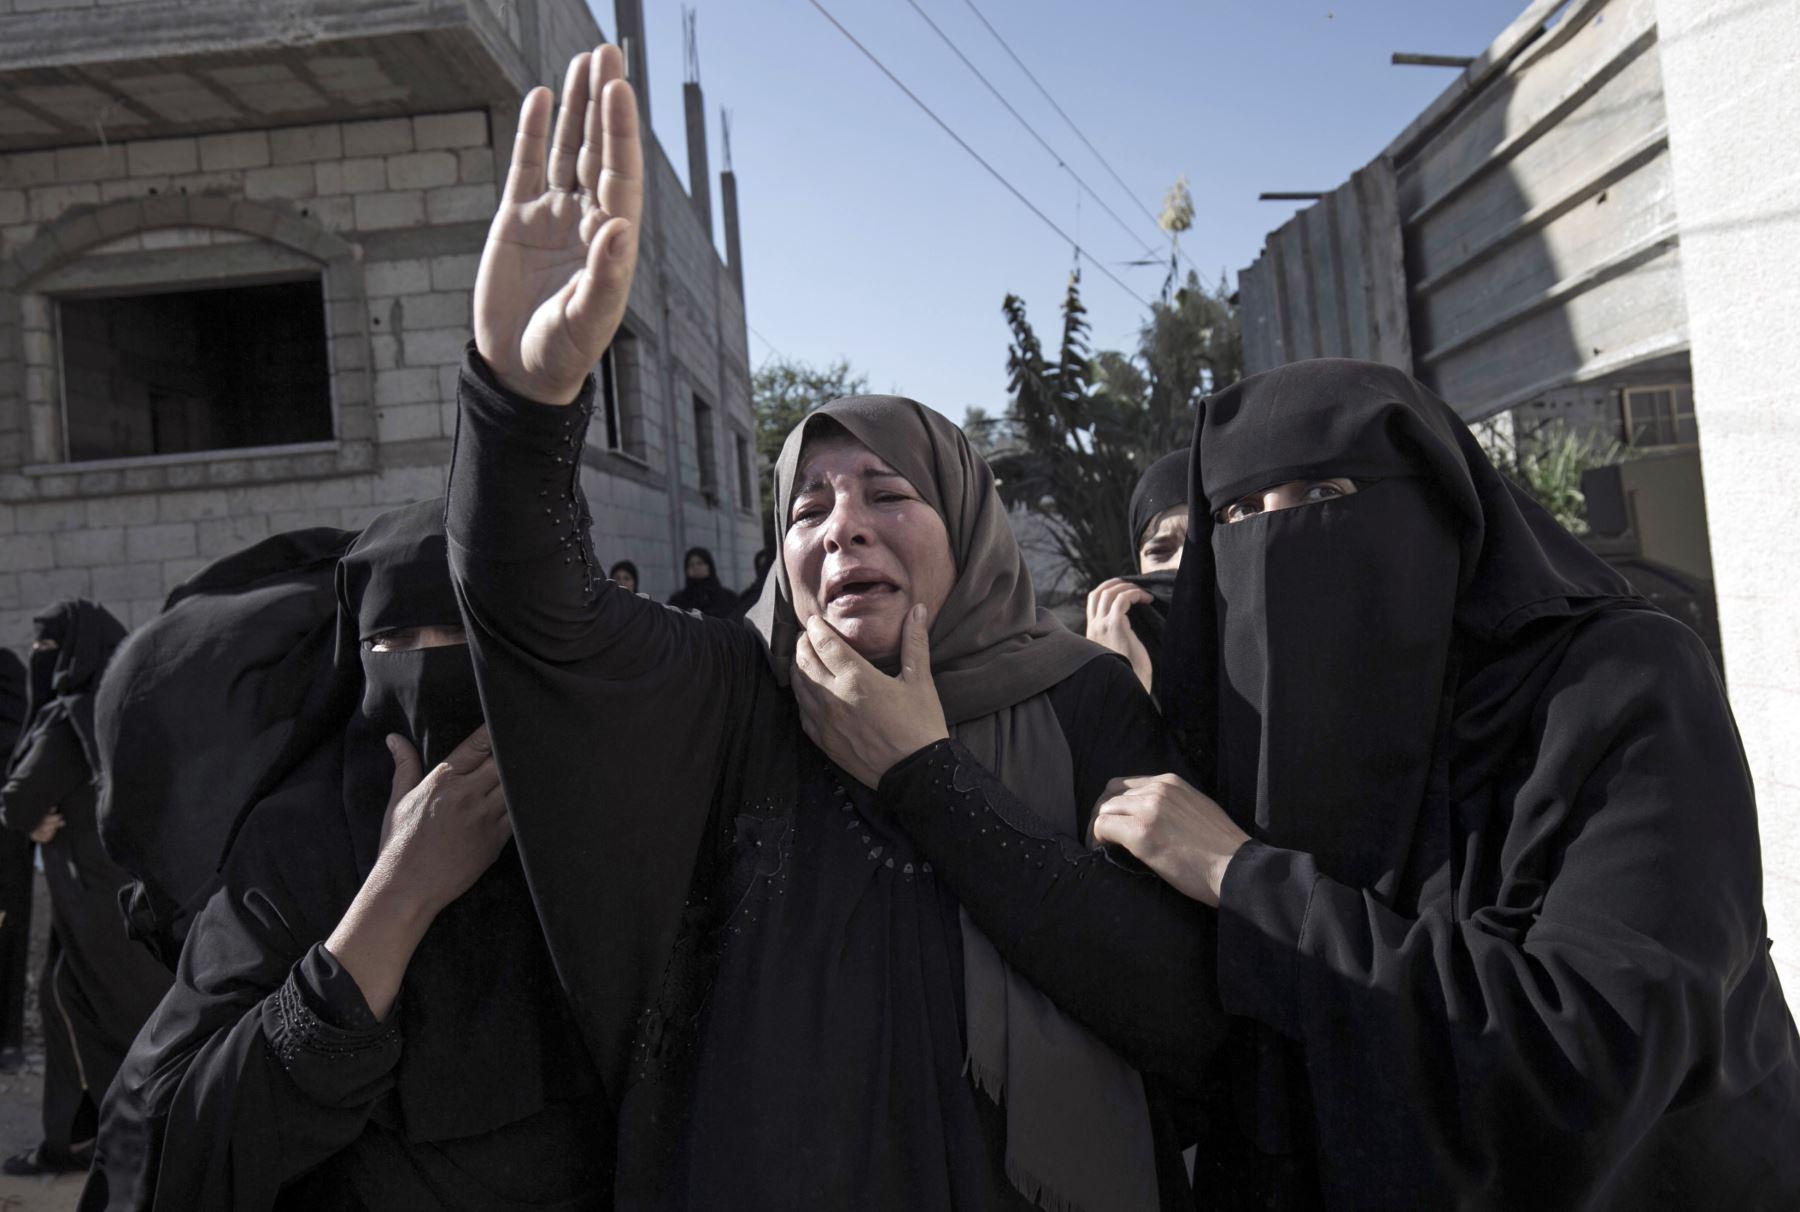 Familiares de Amir Abu Jaber Taimeh, lloran durante su funeral en Khan Yunis, en el sur de la Franja de Gaza. Foto: AFP